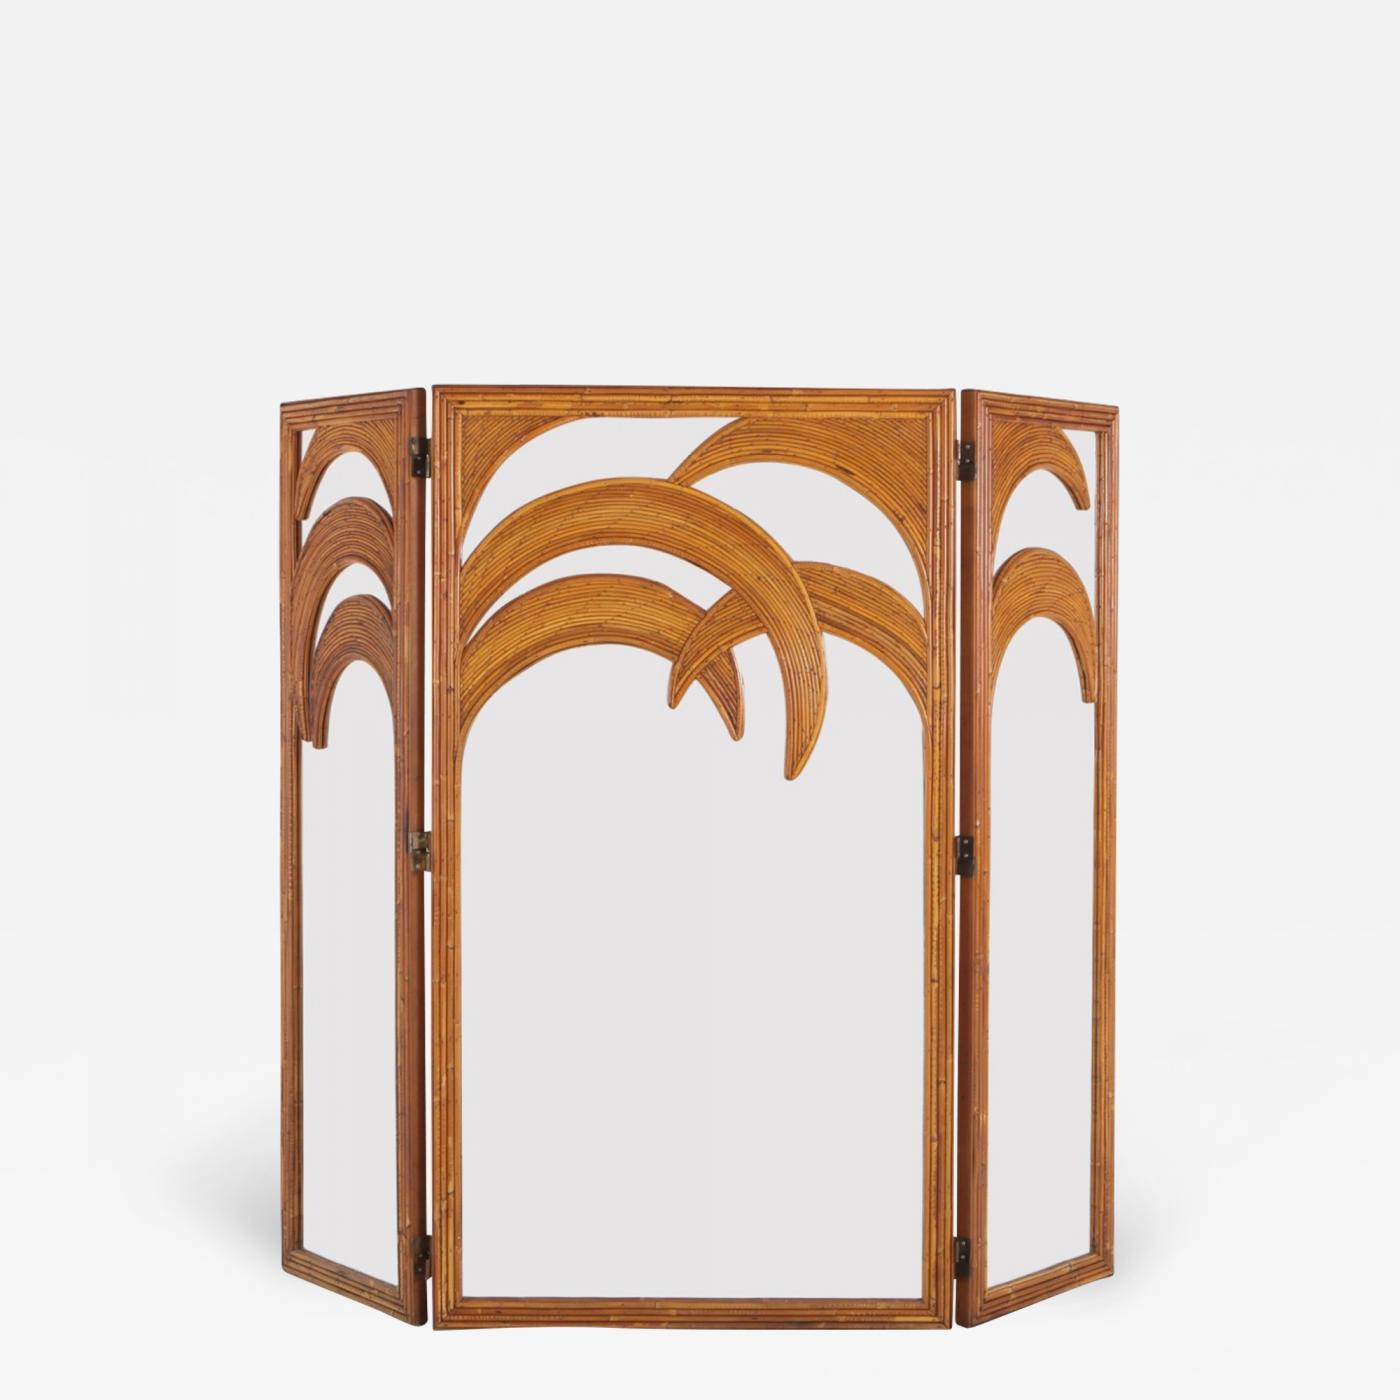 Outstanding Vivai Del Sud Tropicalist Screen Room Divider 1970S Interior Design Ideas Tzicisoteloinfo